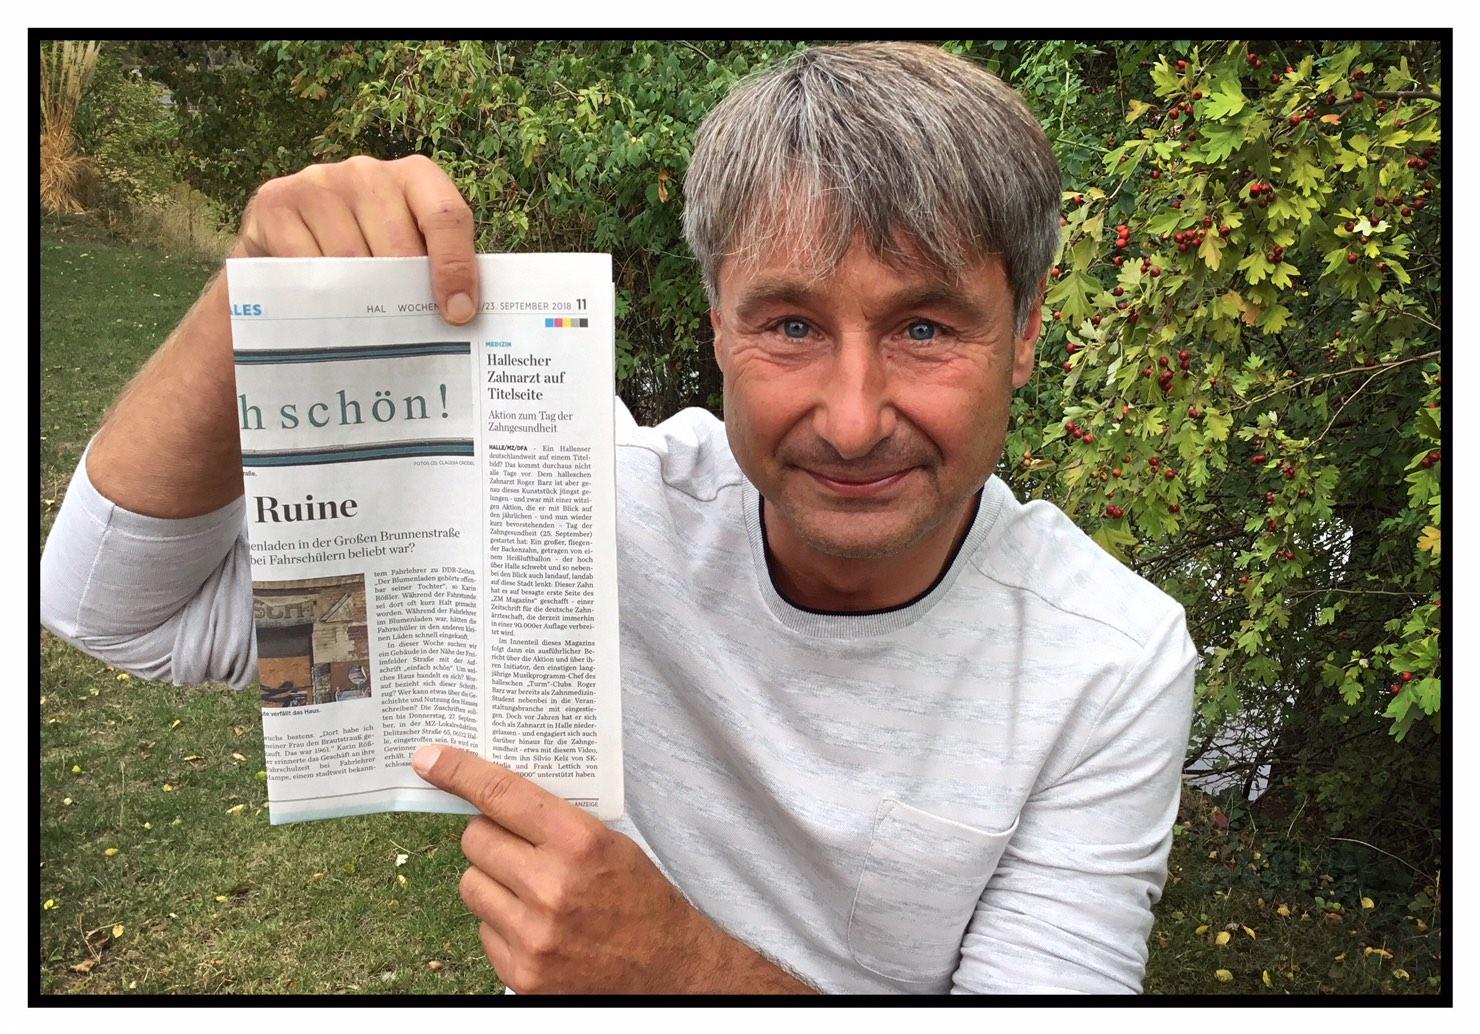 Roger Barz Artikel Mitteldeutsche Zeitung Film Tag Der Zahngesundheit 2018